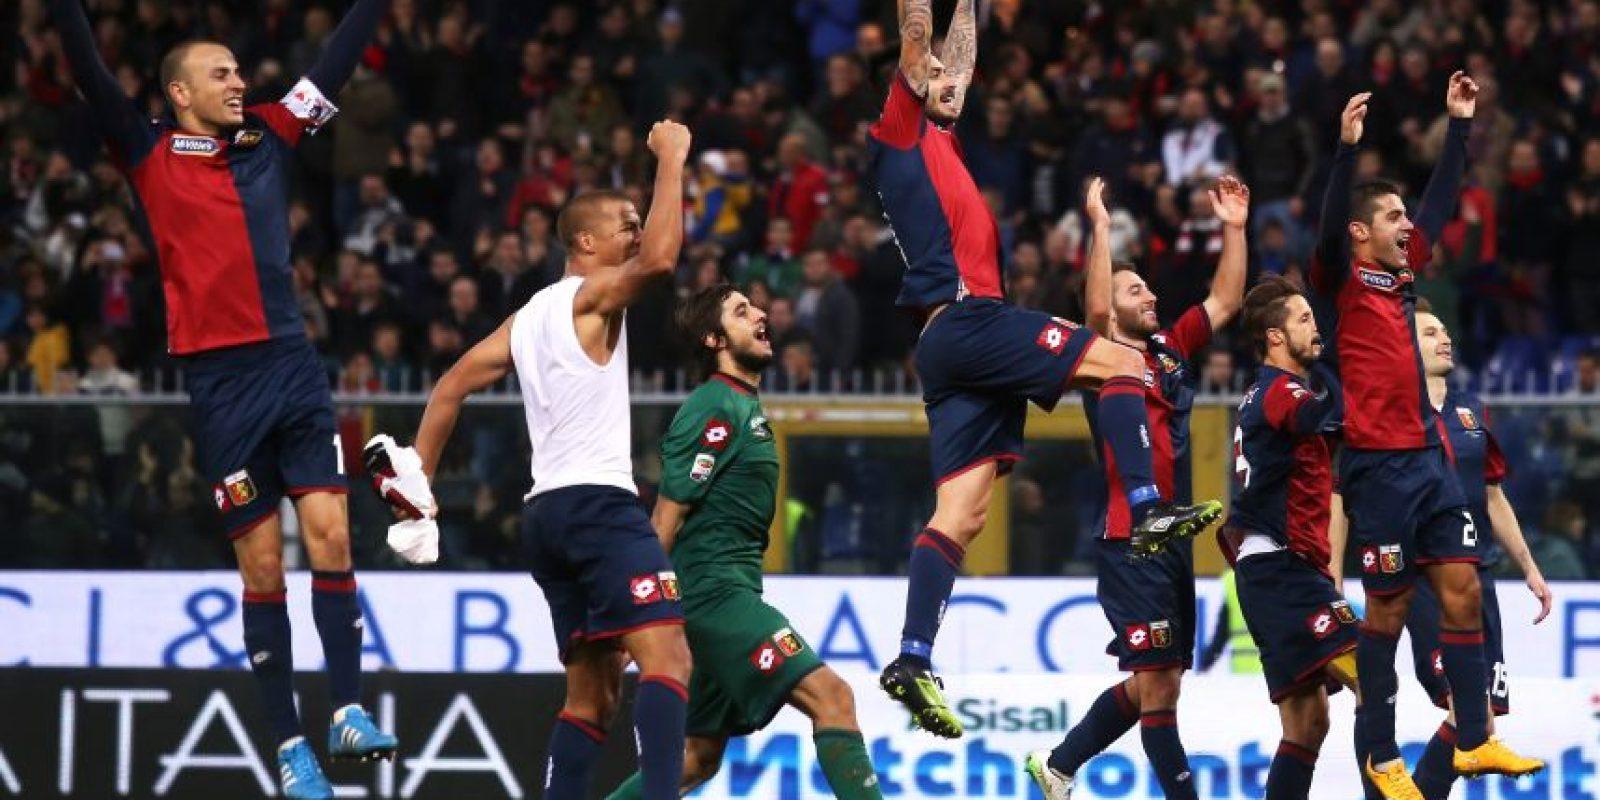 Así celebraron el triunfo, los jugadores del Génova. Foto:AFP